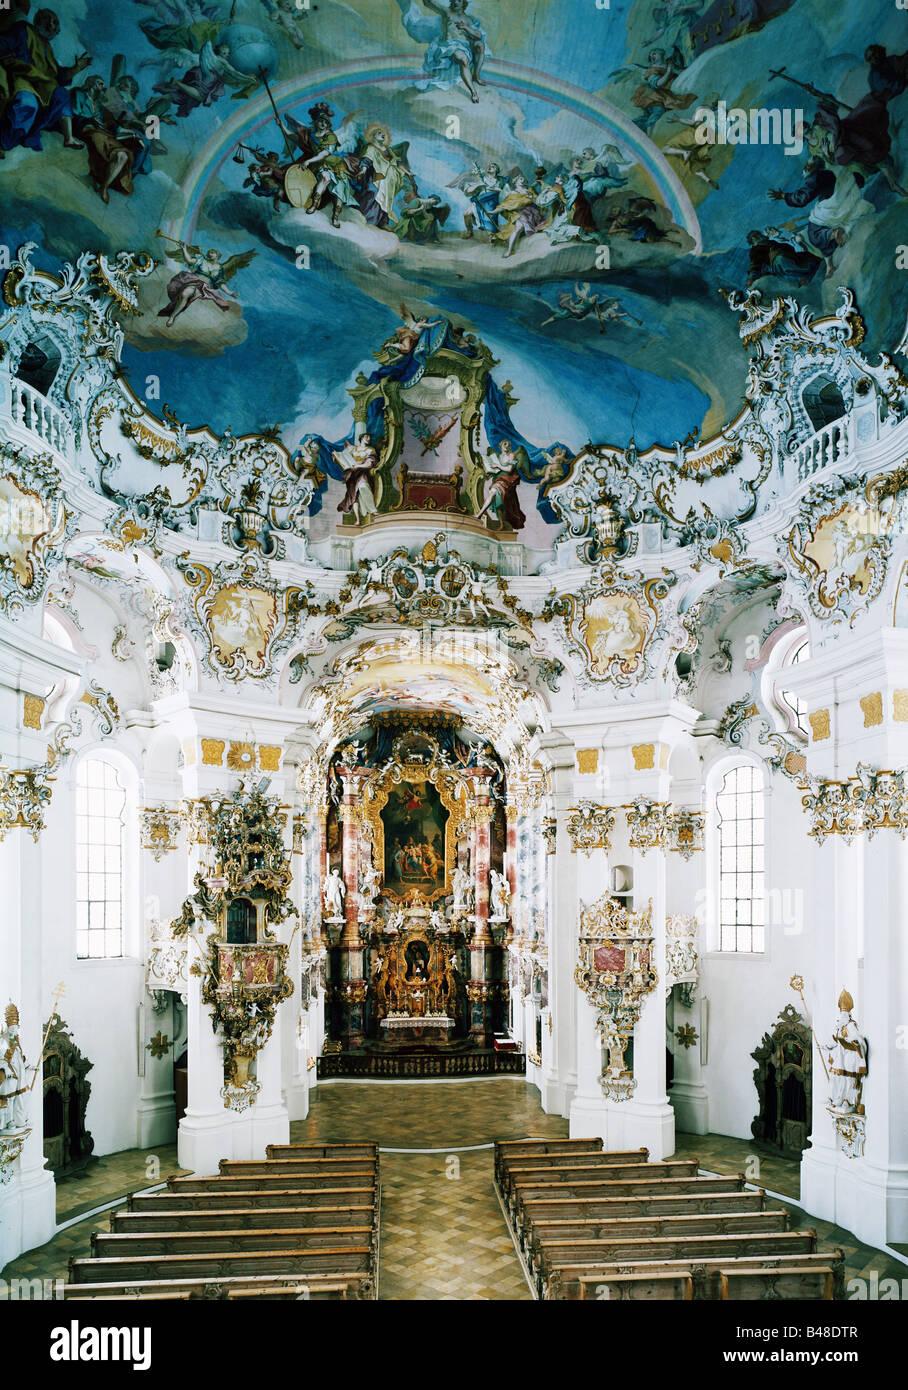 Architettura, chiese e conventi, in Germania, in Baviera, la Chiesa del pellegrinaggio di Wies, costruito 1745  Immagini Stock